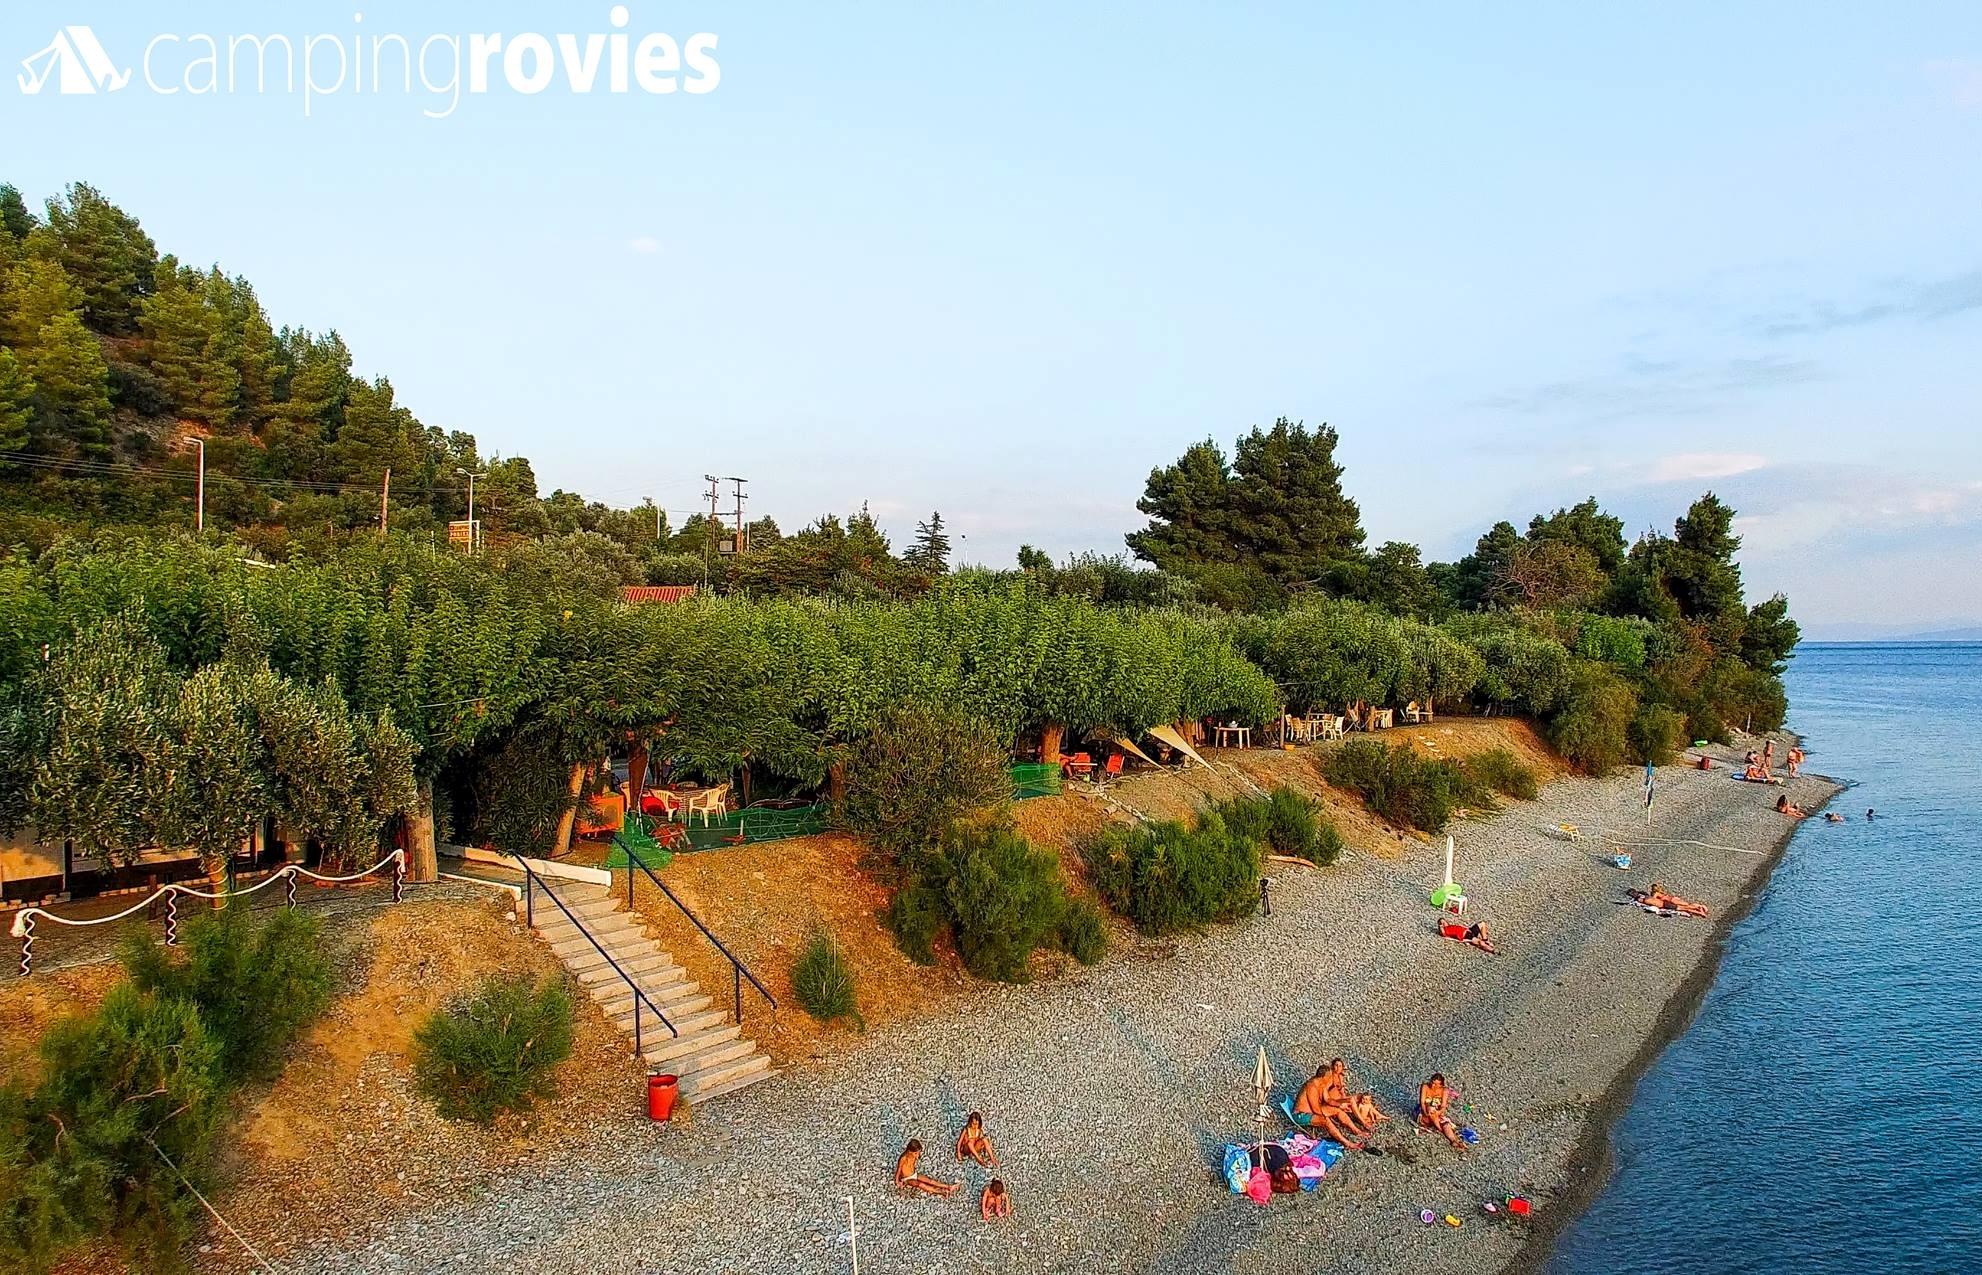 9€ από 18,5€ για 1 Διανυκτέρευση 2 ατόμων, με αυτόνομη πρόσβαση στην παραλία, θέση parking & παροχή ρεύματος, στο ειδυλλιακό ''Camping Rovies'' στην Βόρεια Εύβοια! Ίσως το καλύτερο camping της Ελλάδας! εικόνα